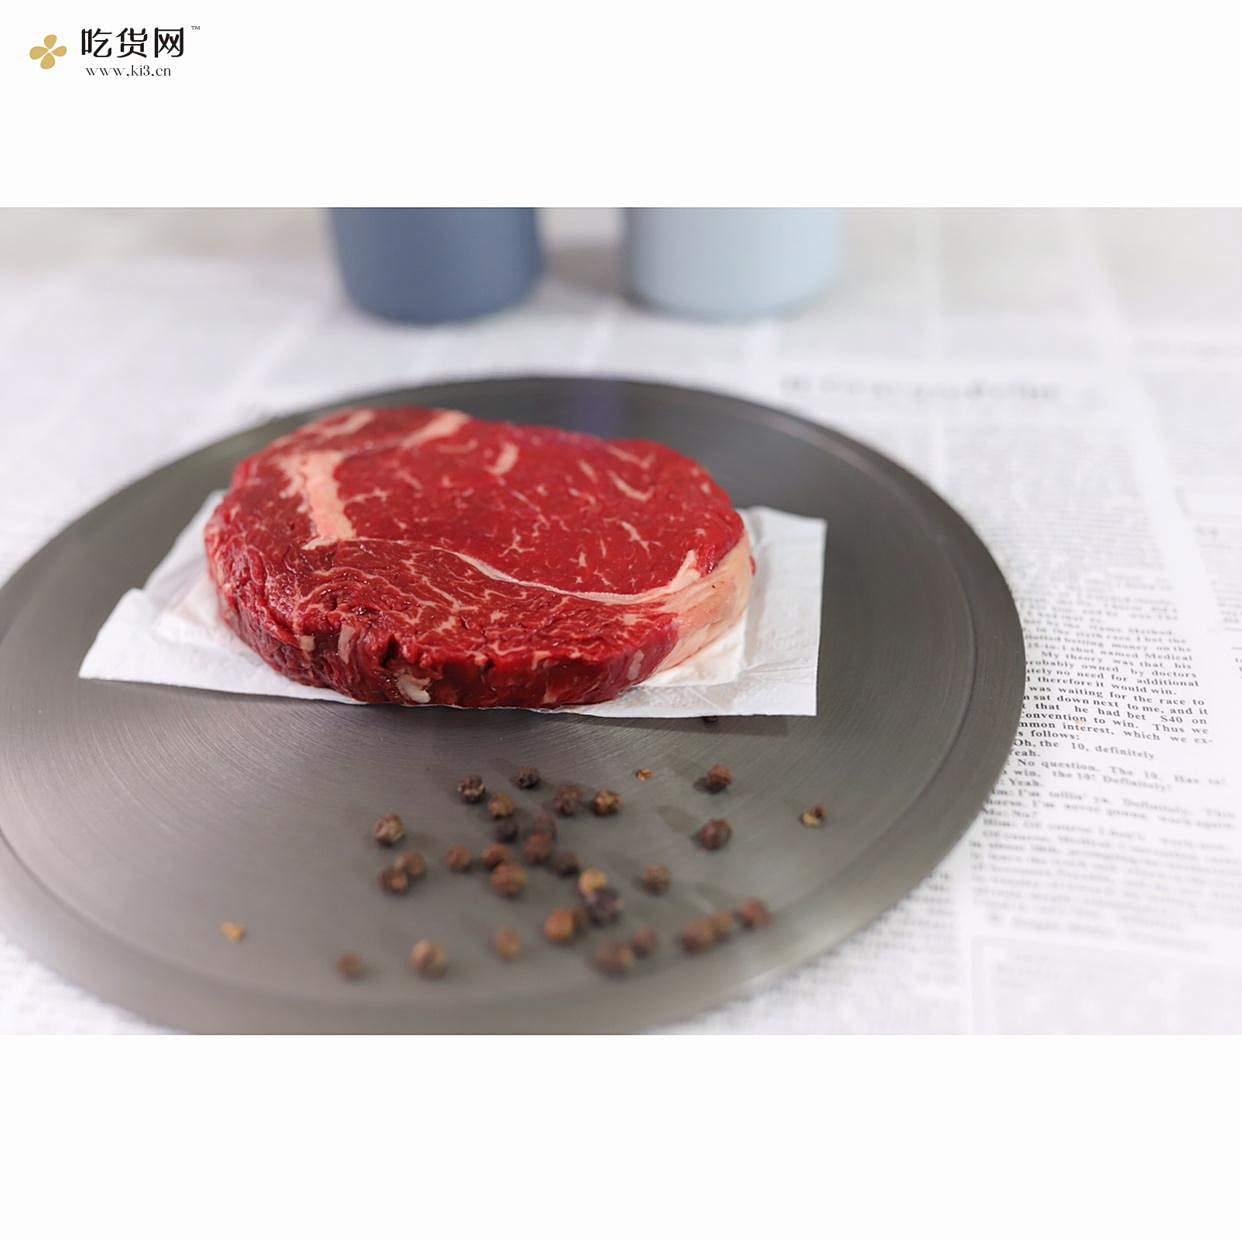 烤肉眼牛排【外焦里嫩】的做法 步骤1